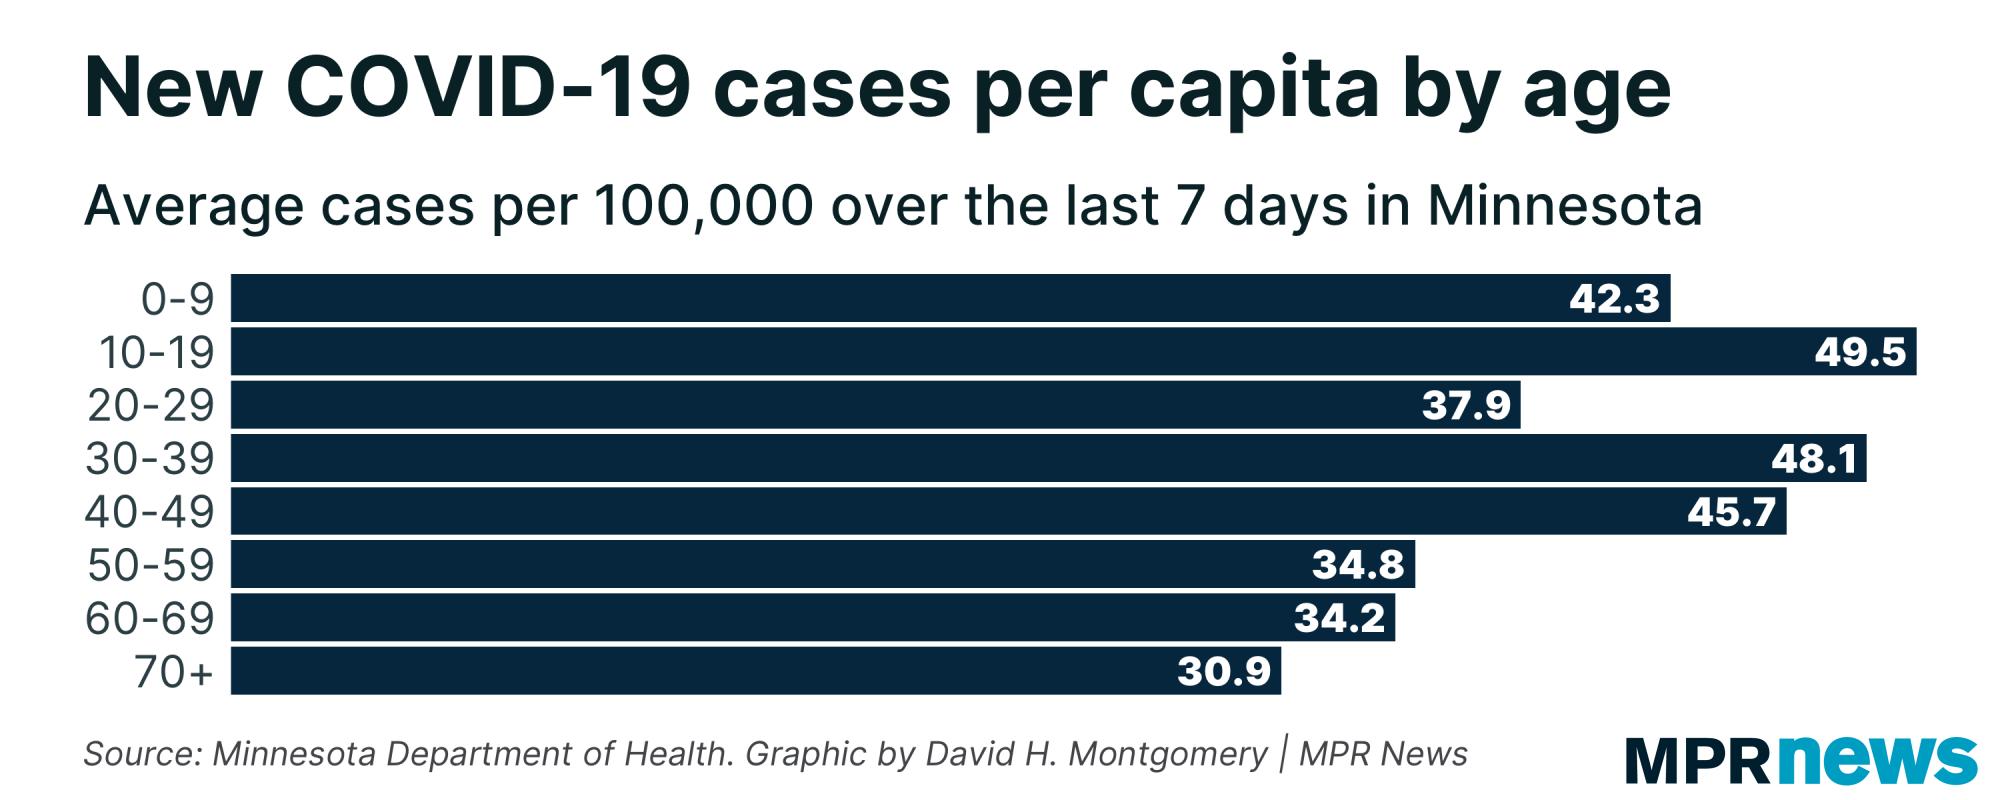 New COVID-19 cases per capita by age